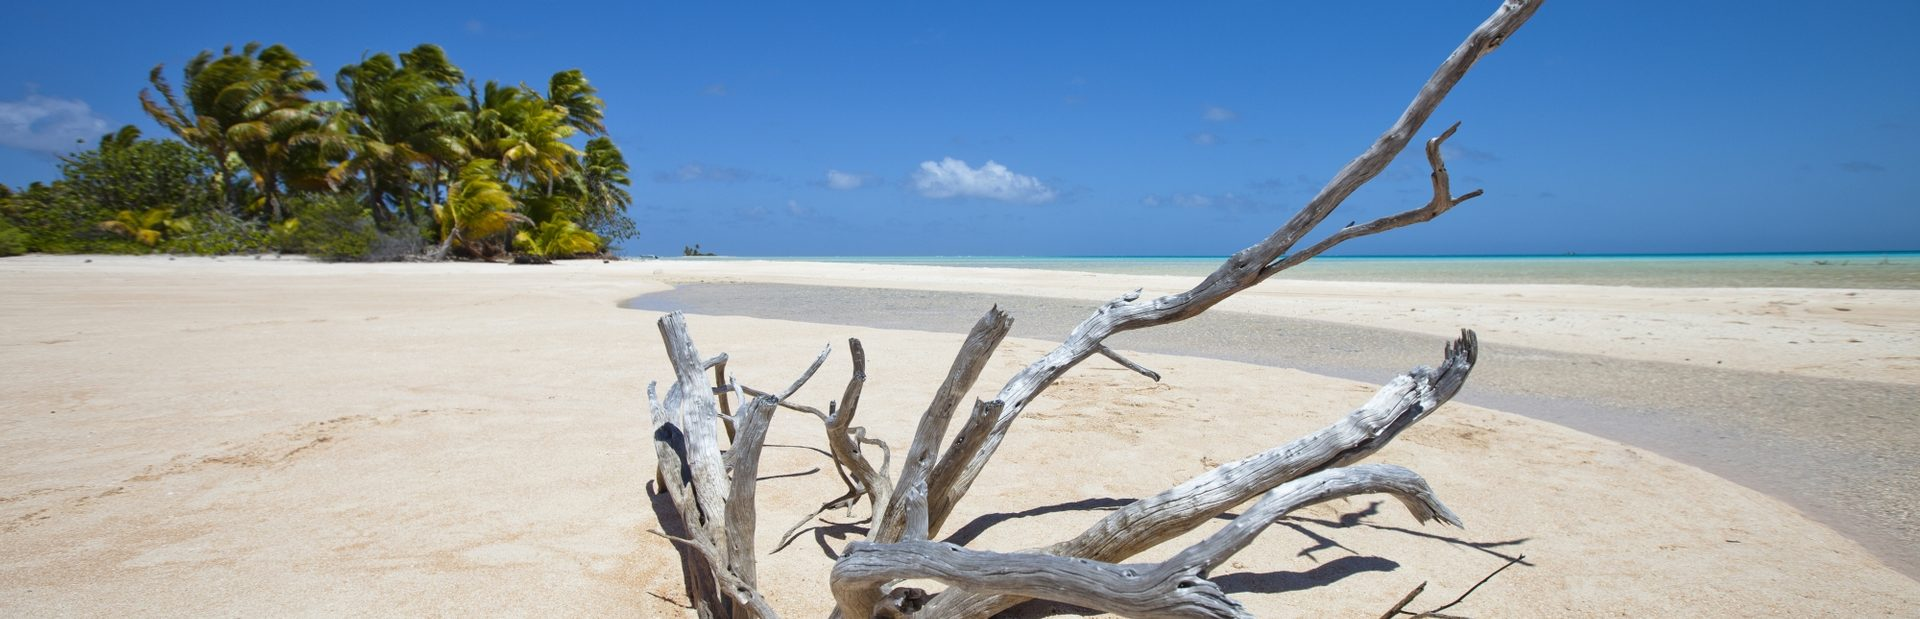 Windward Islands guide